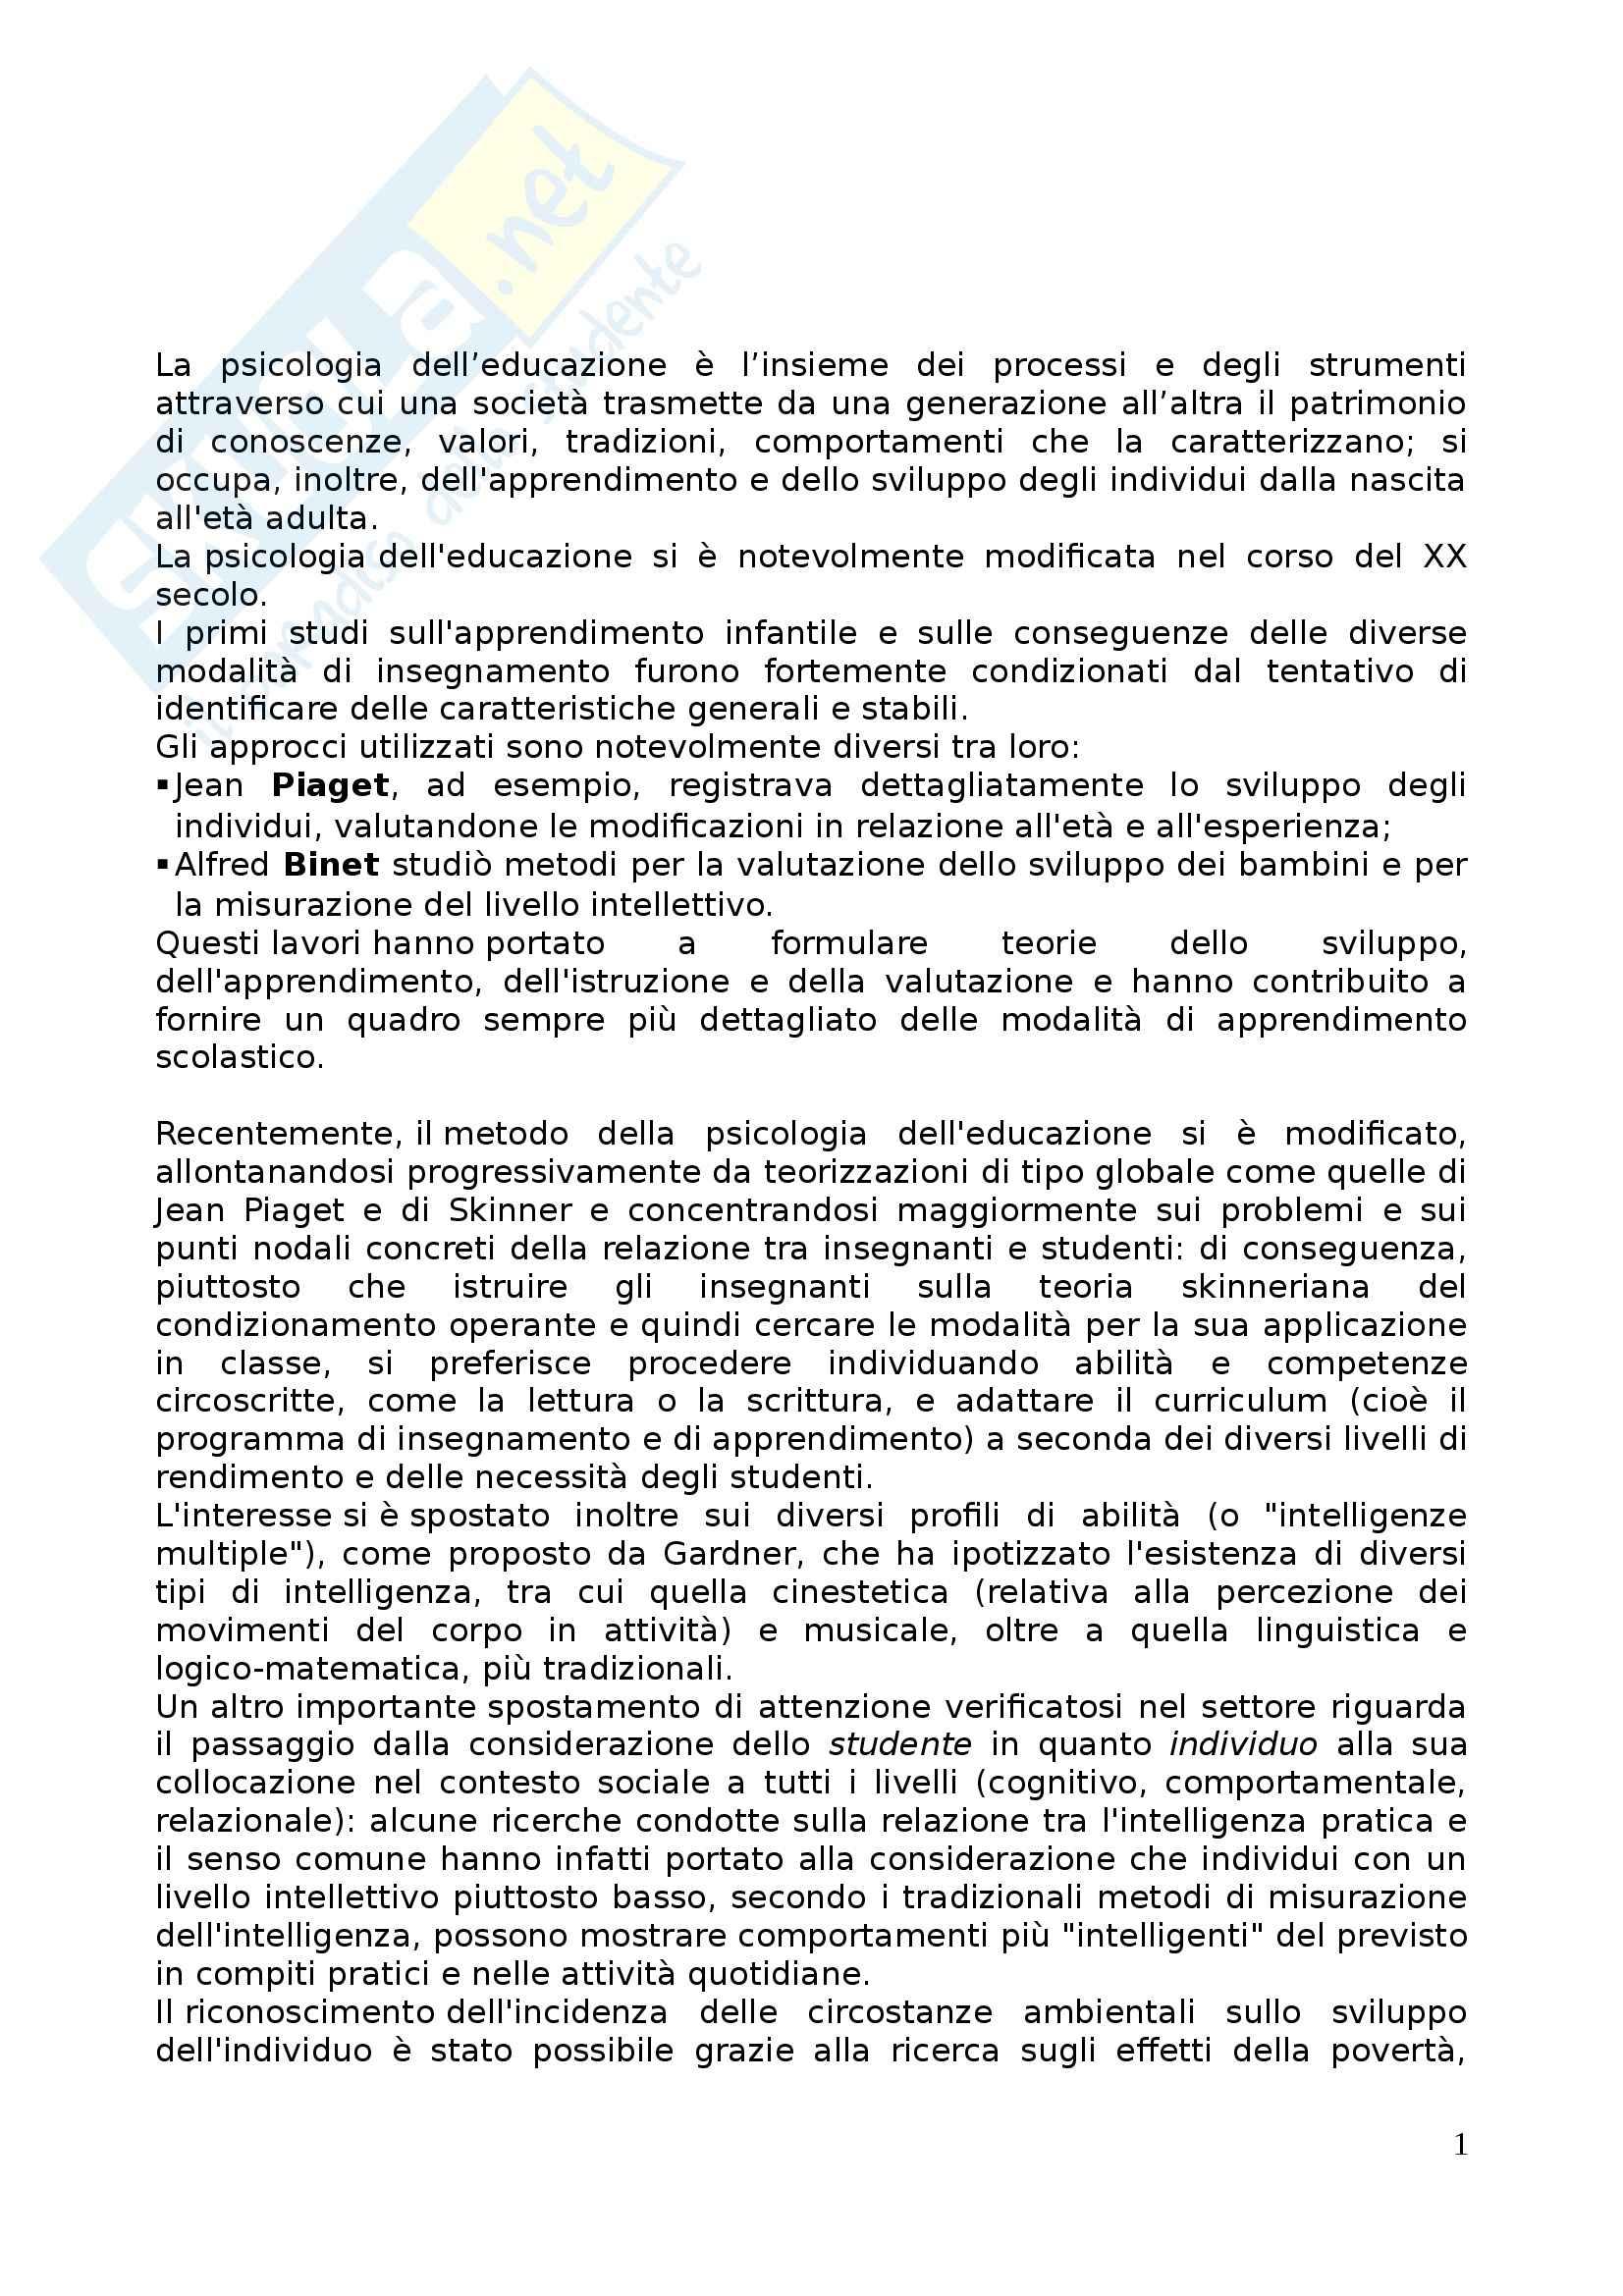 Riassunto esame Psicologia dell'Educazione, prof. Gulì, libro consigliato Psicologia dell'Educazione, Carugati Selleri